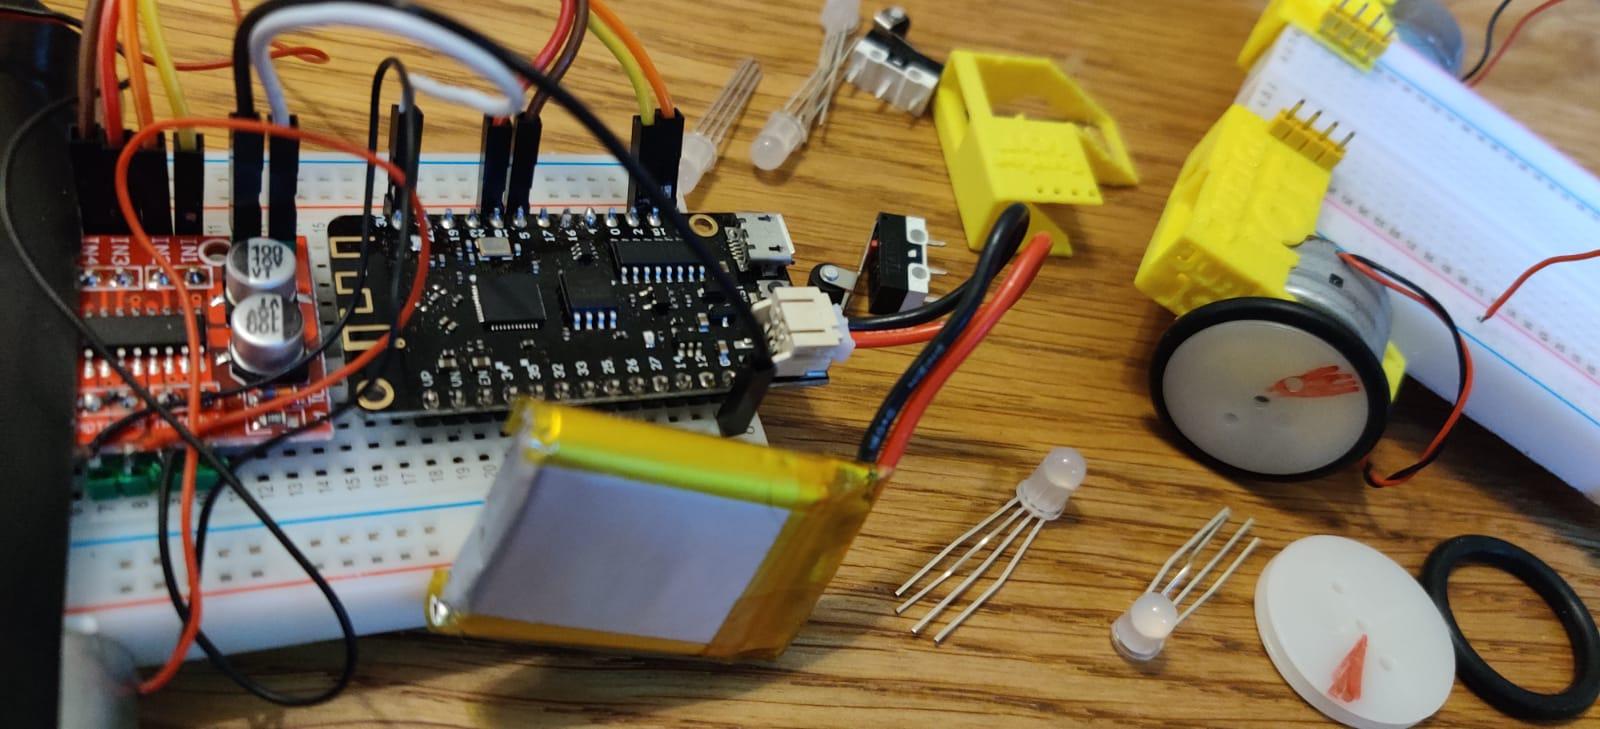 Lab – ESP32 Lolin32 Lite Robotwagen met WiFi bediening – bouwen en programmeren